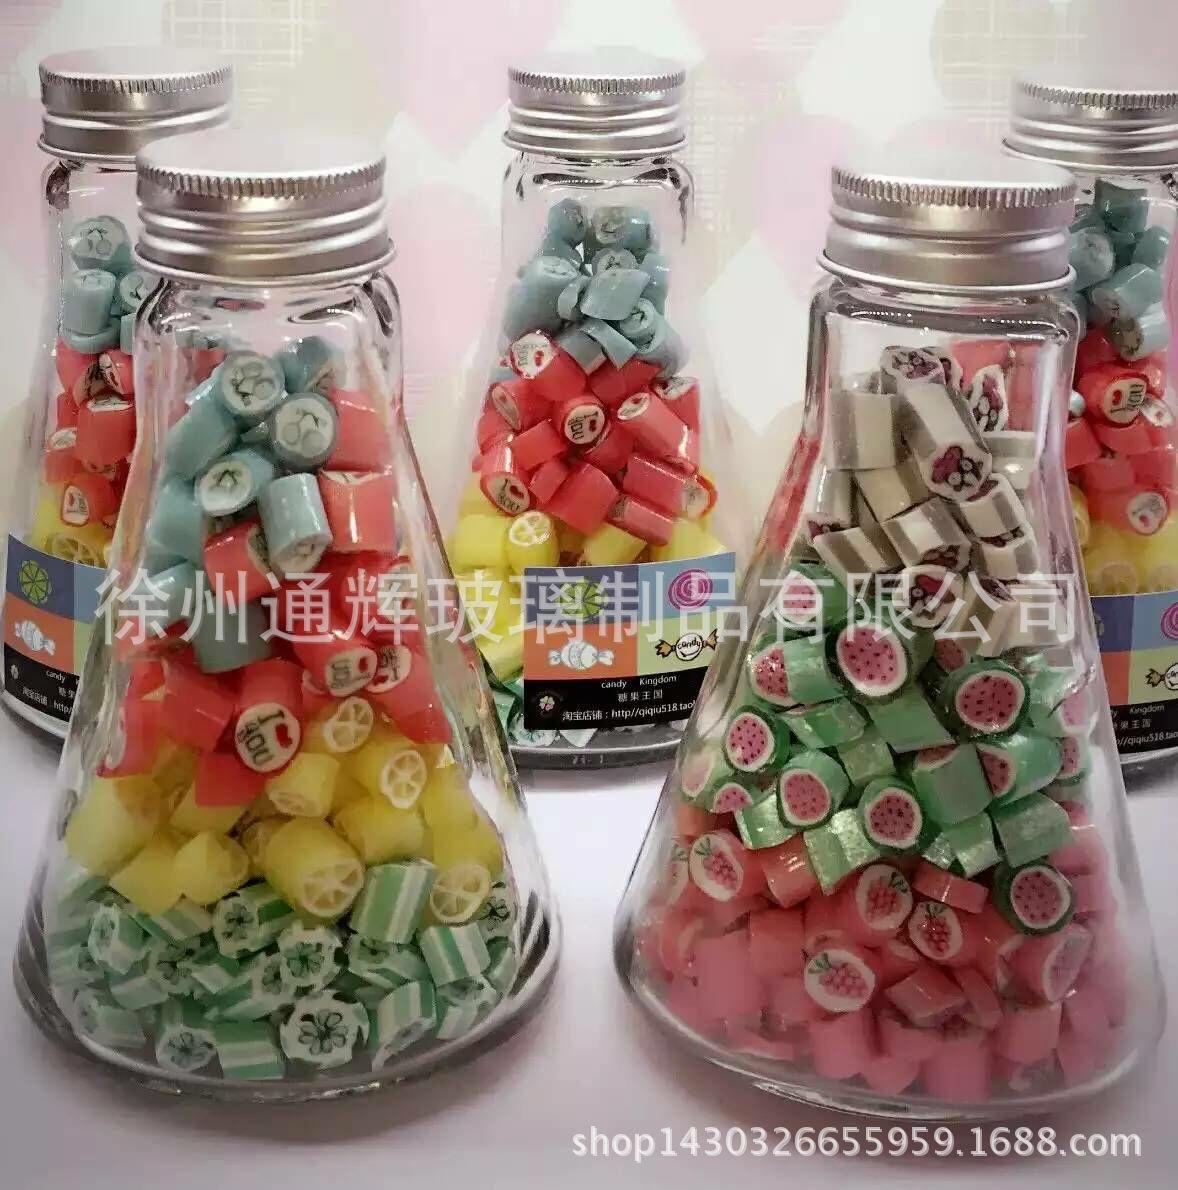 现货供应锥形铝盖玻璃瓶 创意手工糖果 漂